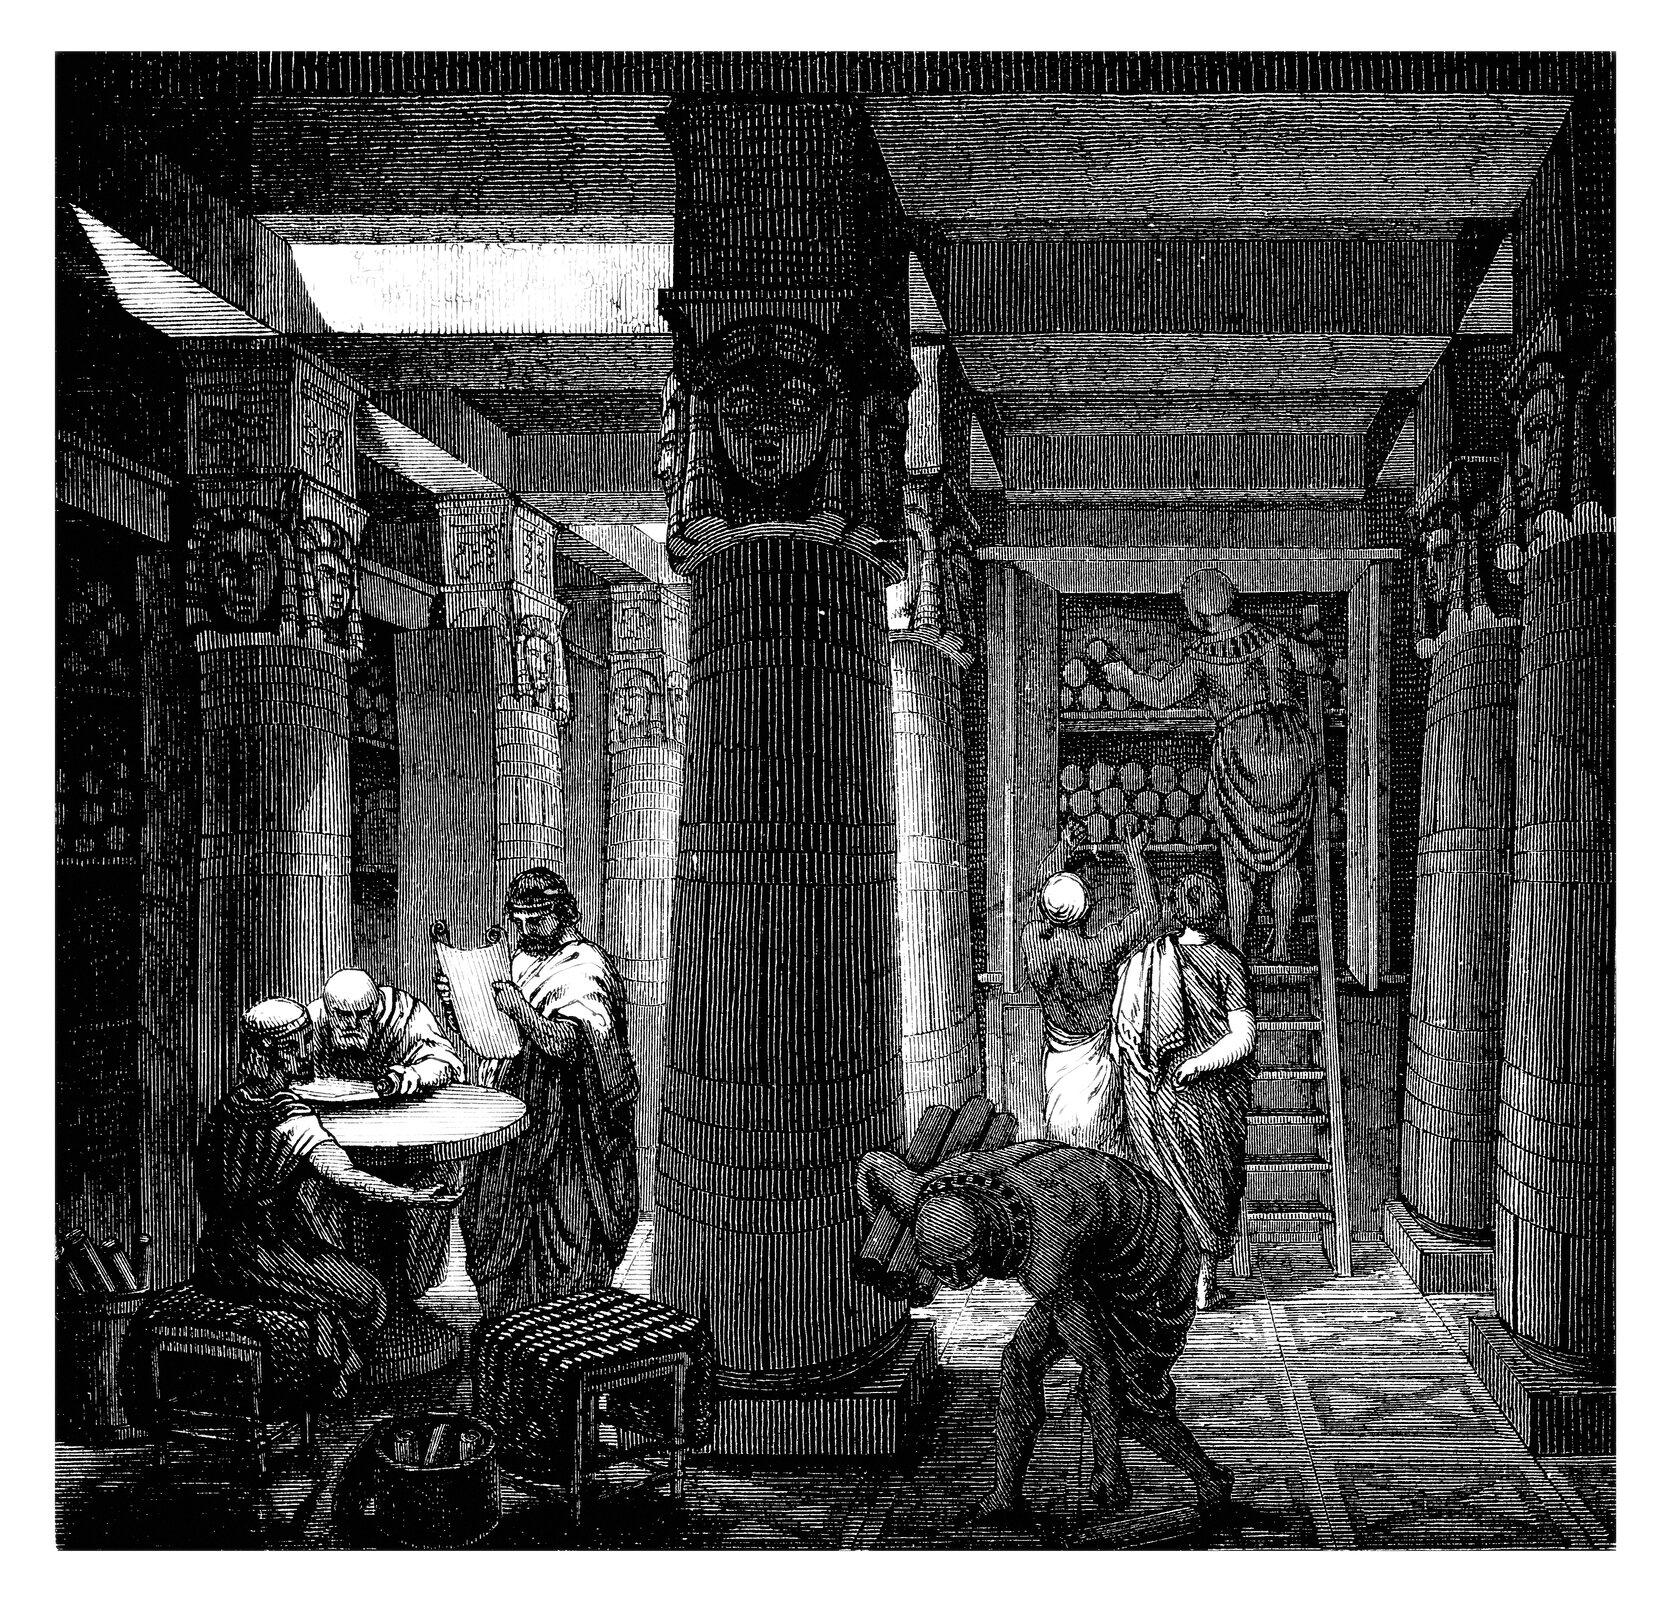 Czarno-biała ilustracja przedstawia wnętrze biblioteki Aleksandryjskiej. Przy stole siedzą mężczyźni zajęci czytaniem. Pozostałe osoby porządkują zasoby układając zwoje na półkach.